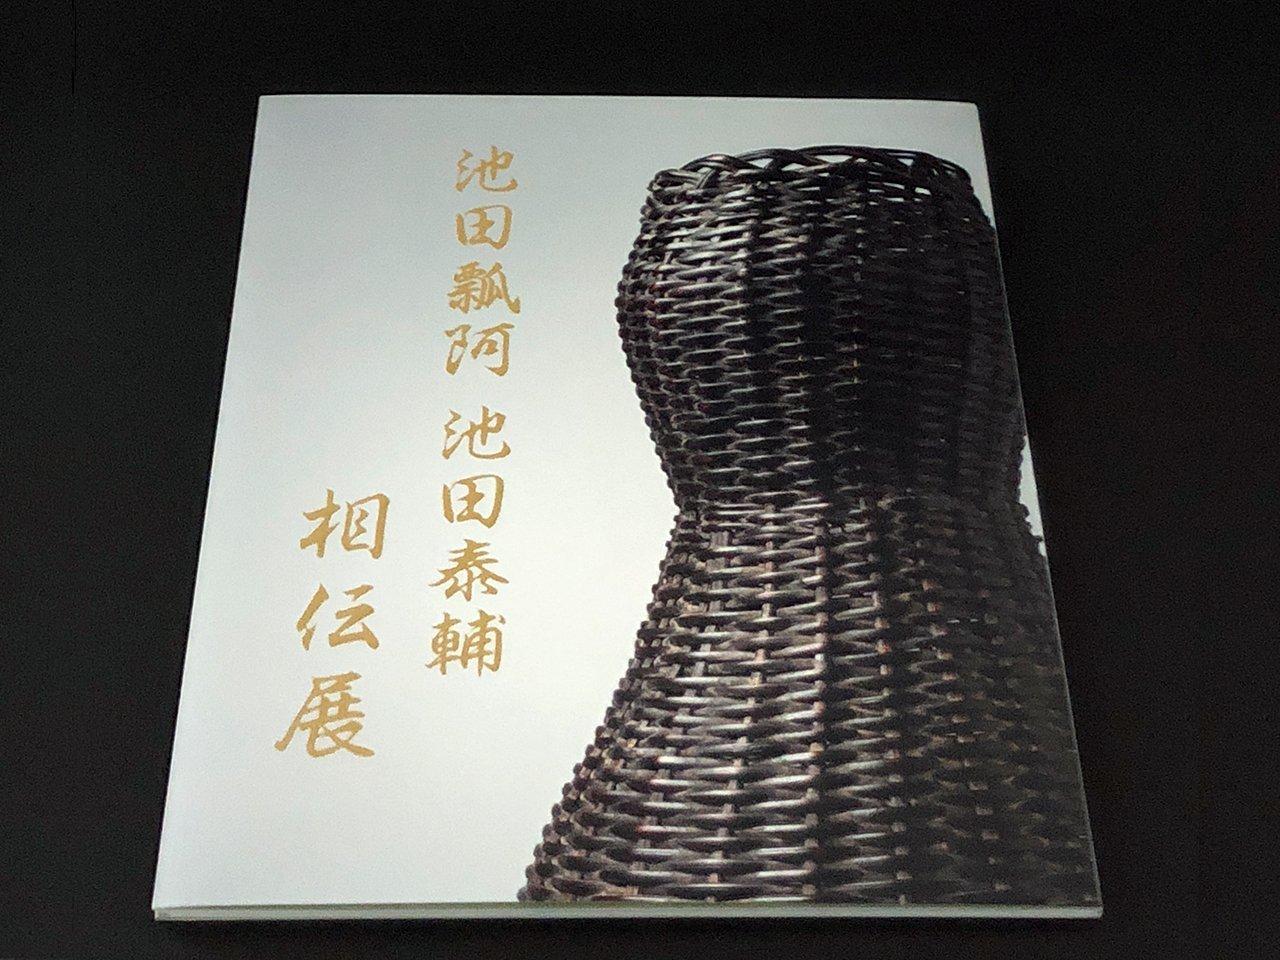 池田瓢阿・池田泰輔 相伝展 図録表紙